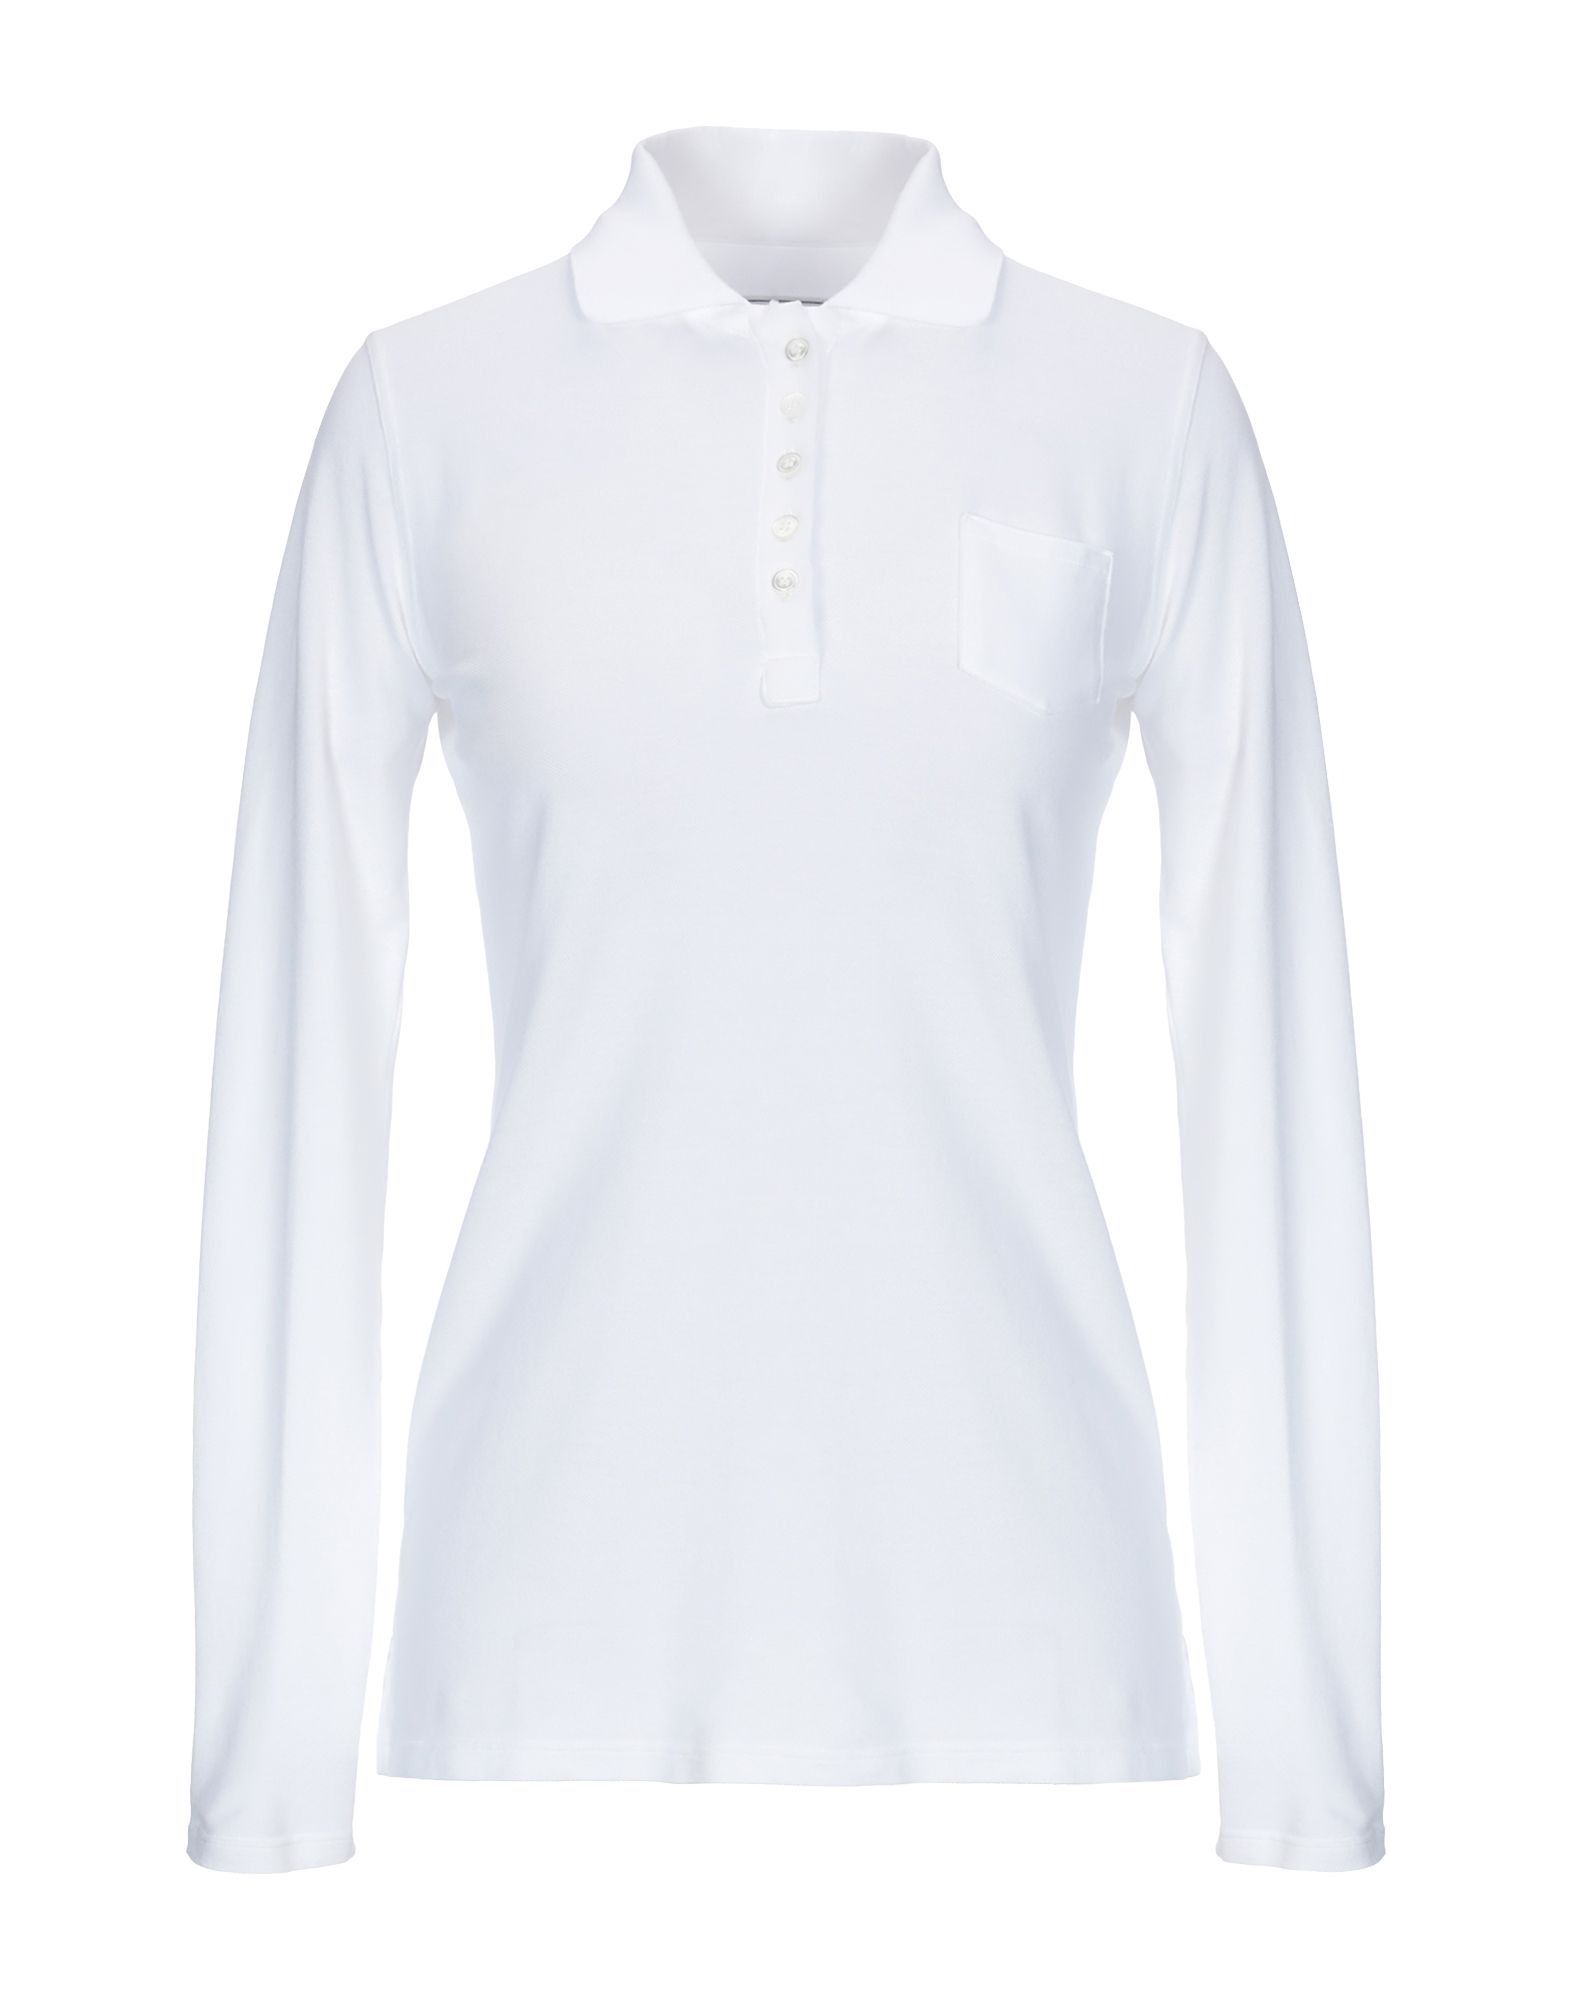 《送料無料》FEDELI レディース ポロシャツ ホワイト 42 コットン 100%